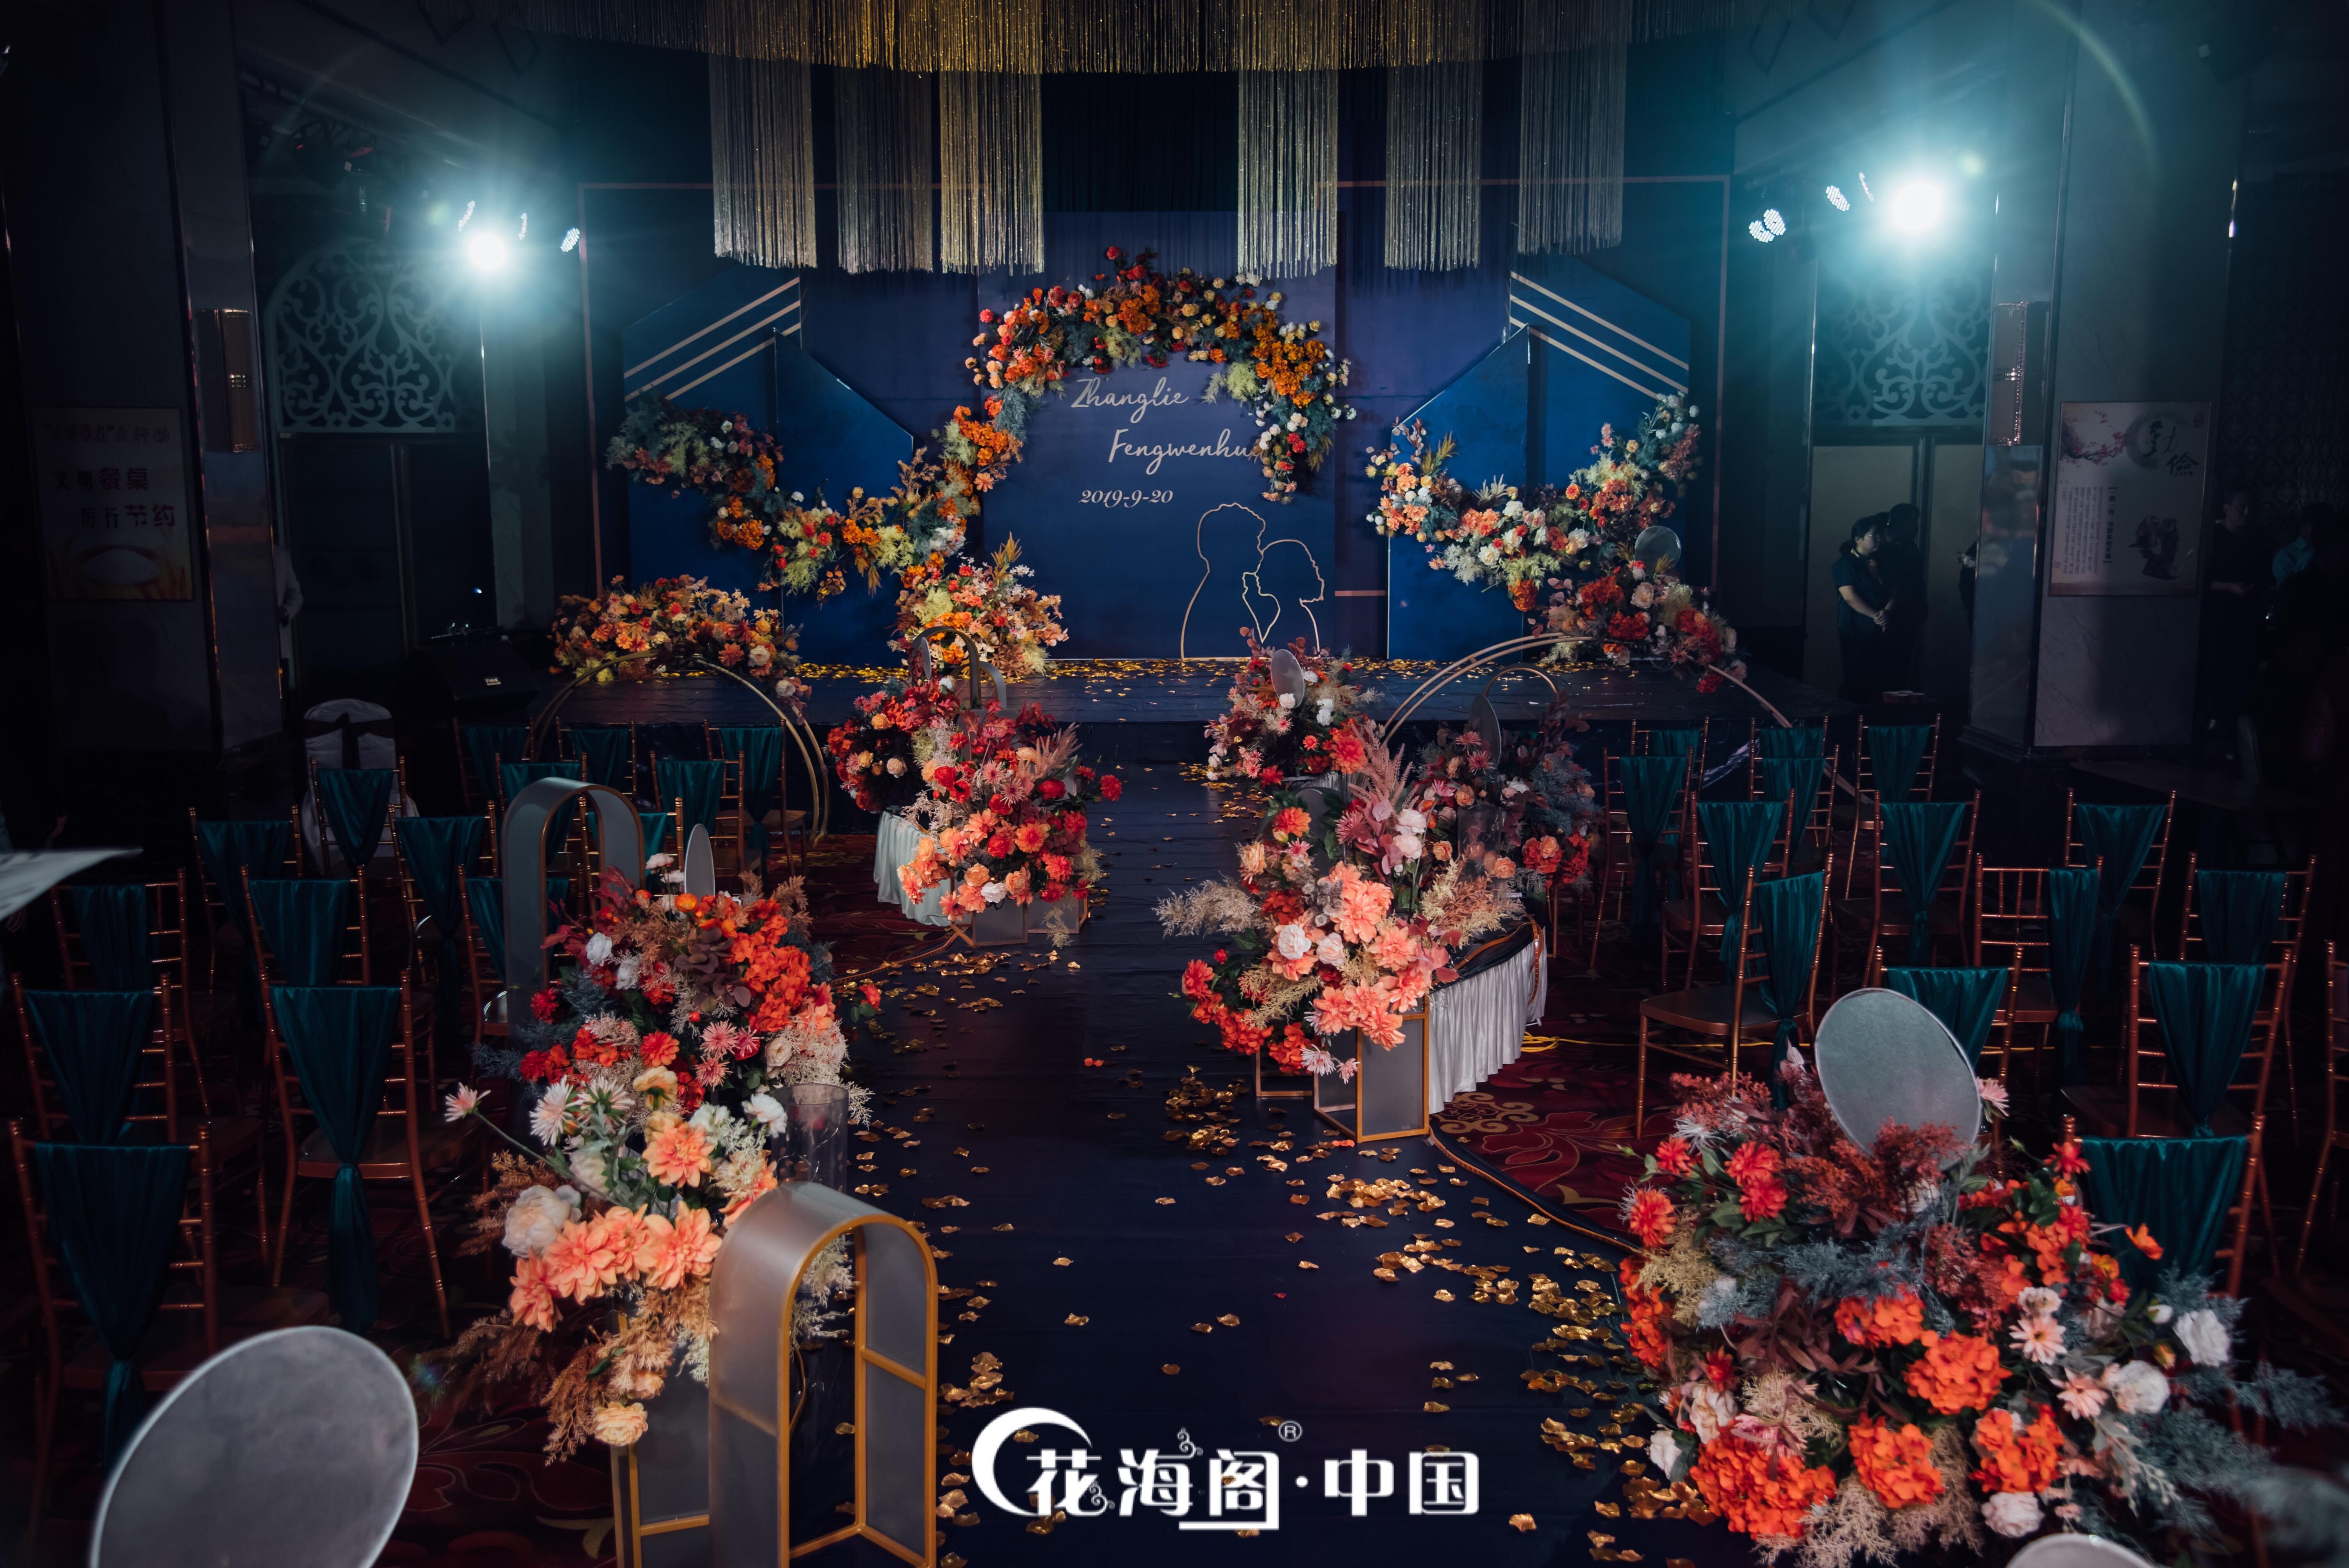 北京花海阁婚礼策划_真正的爱情是专一的,爱情领域是非常狭小的,_北京花海阁婚礼 ...